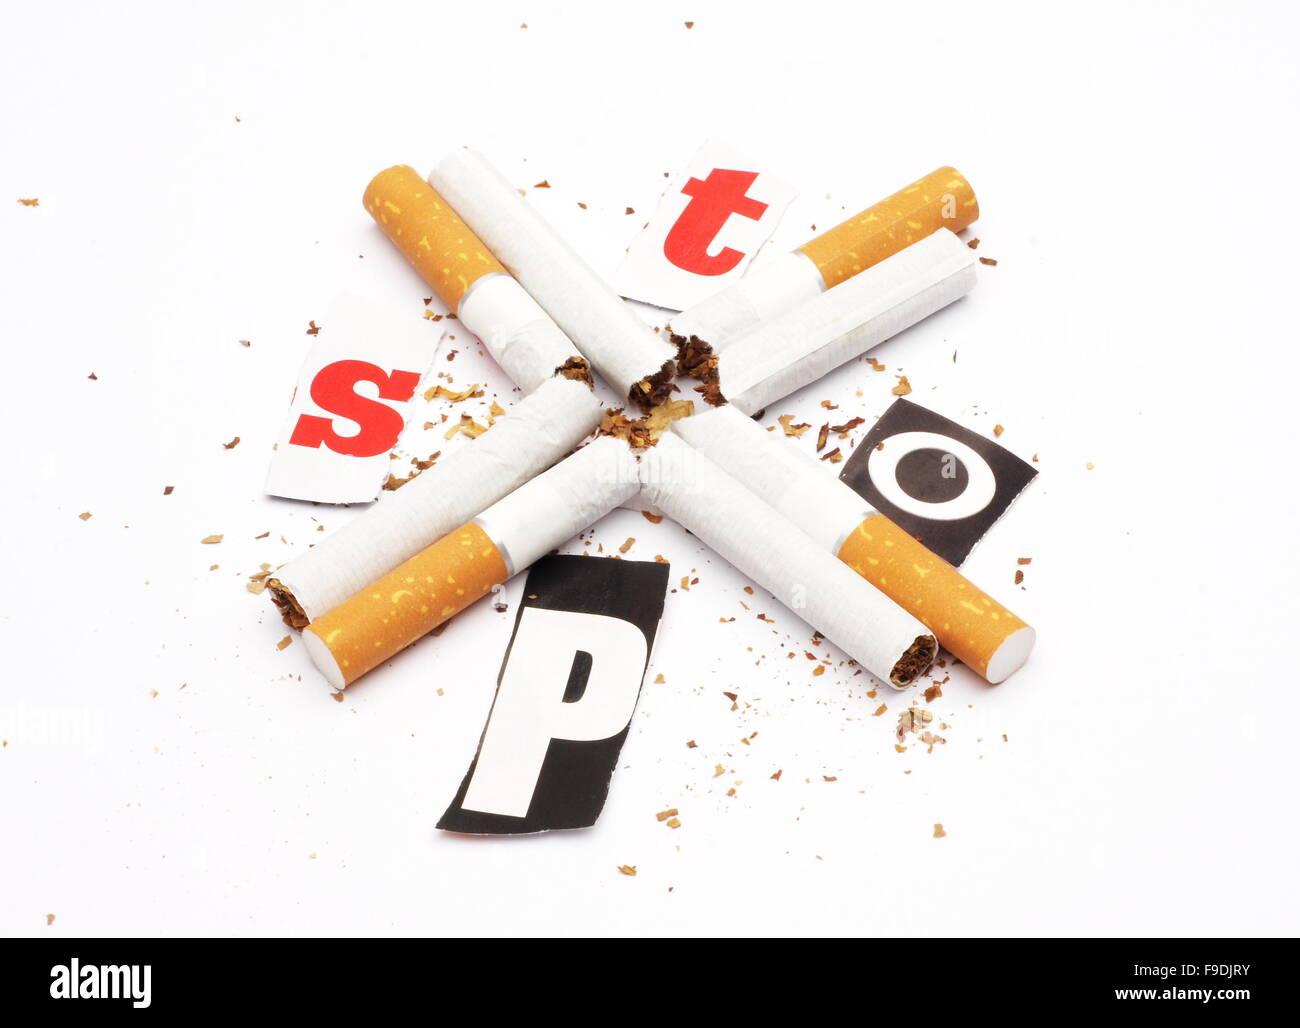 Mit elektronischer zigarette aufhoren zu rauchen